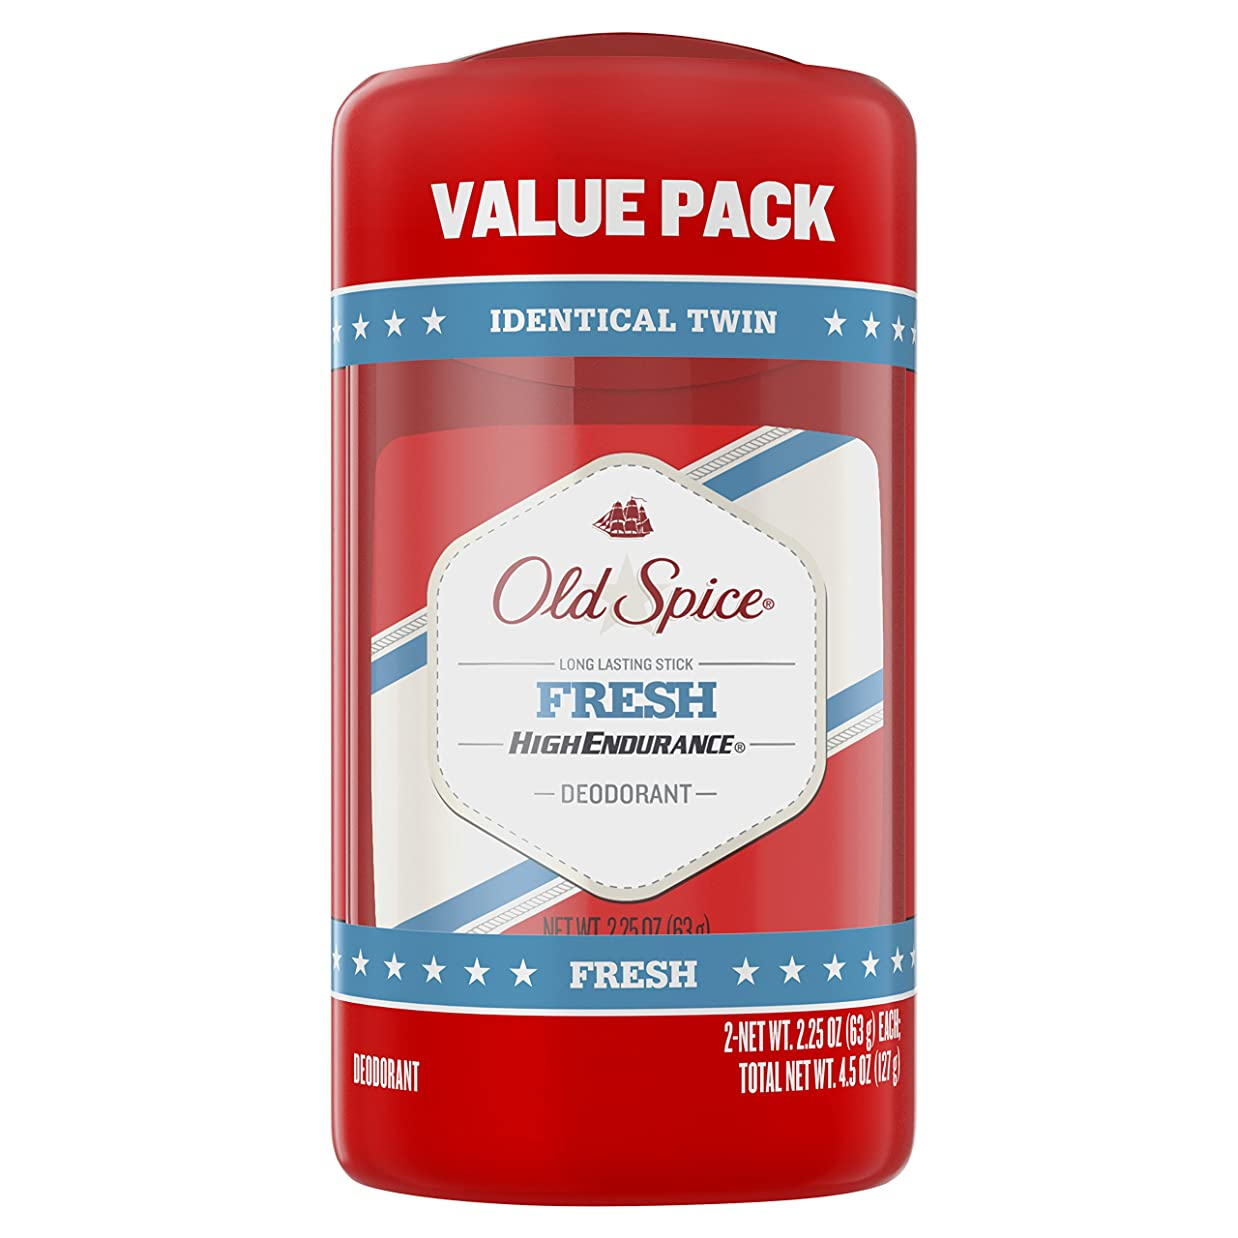 スクワイアプランテーションサロンオールドスパイス Old Spice ハイエンデュランス フレッシュ デオドラント スティック 男性用 63g 2個セット[平行輸入品]